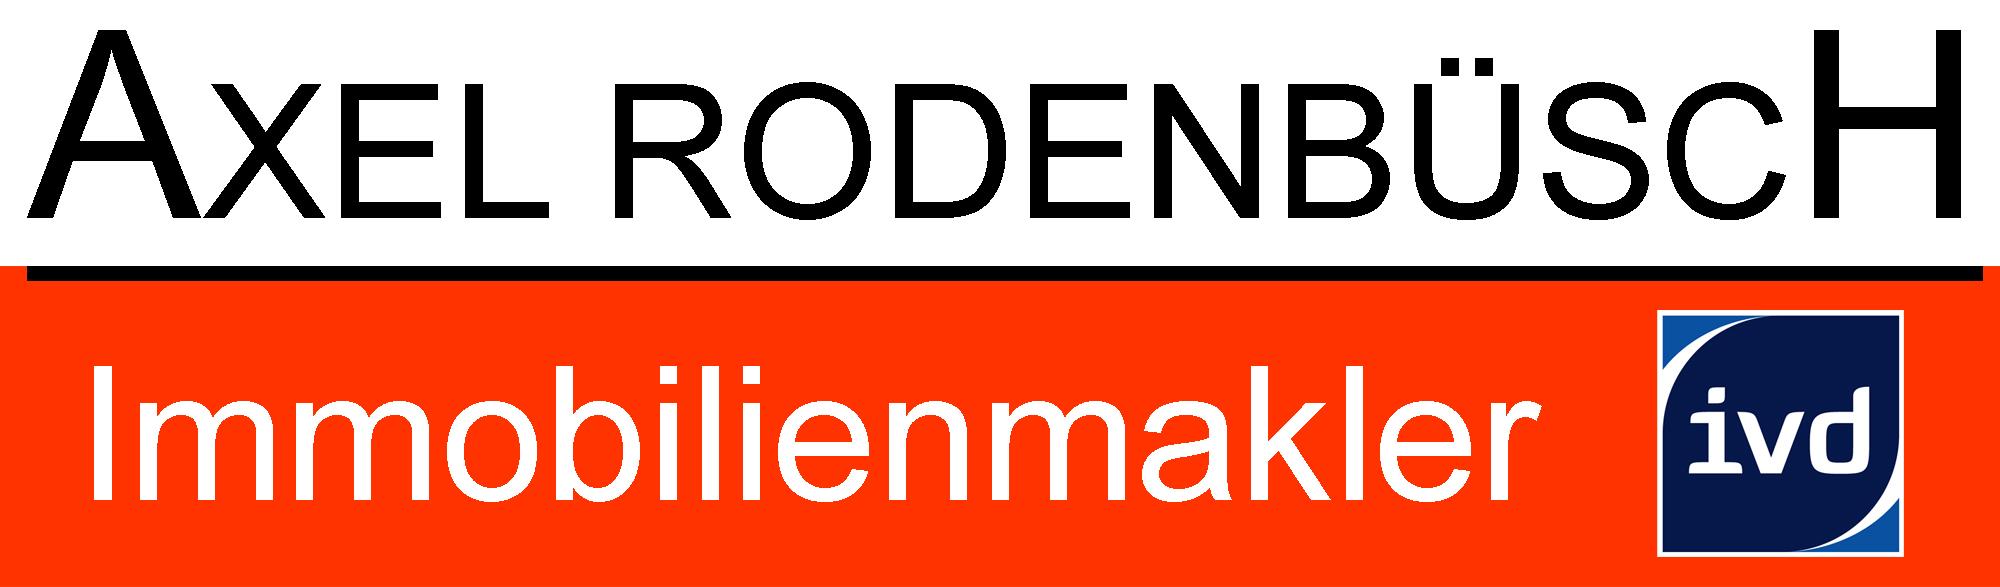 Hier sehen Sie das Logo von Axel Rodenbüsch, Immobilienmakler IVD